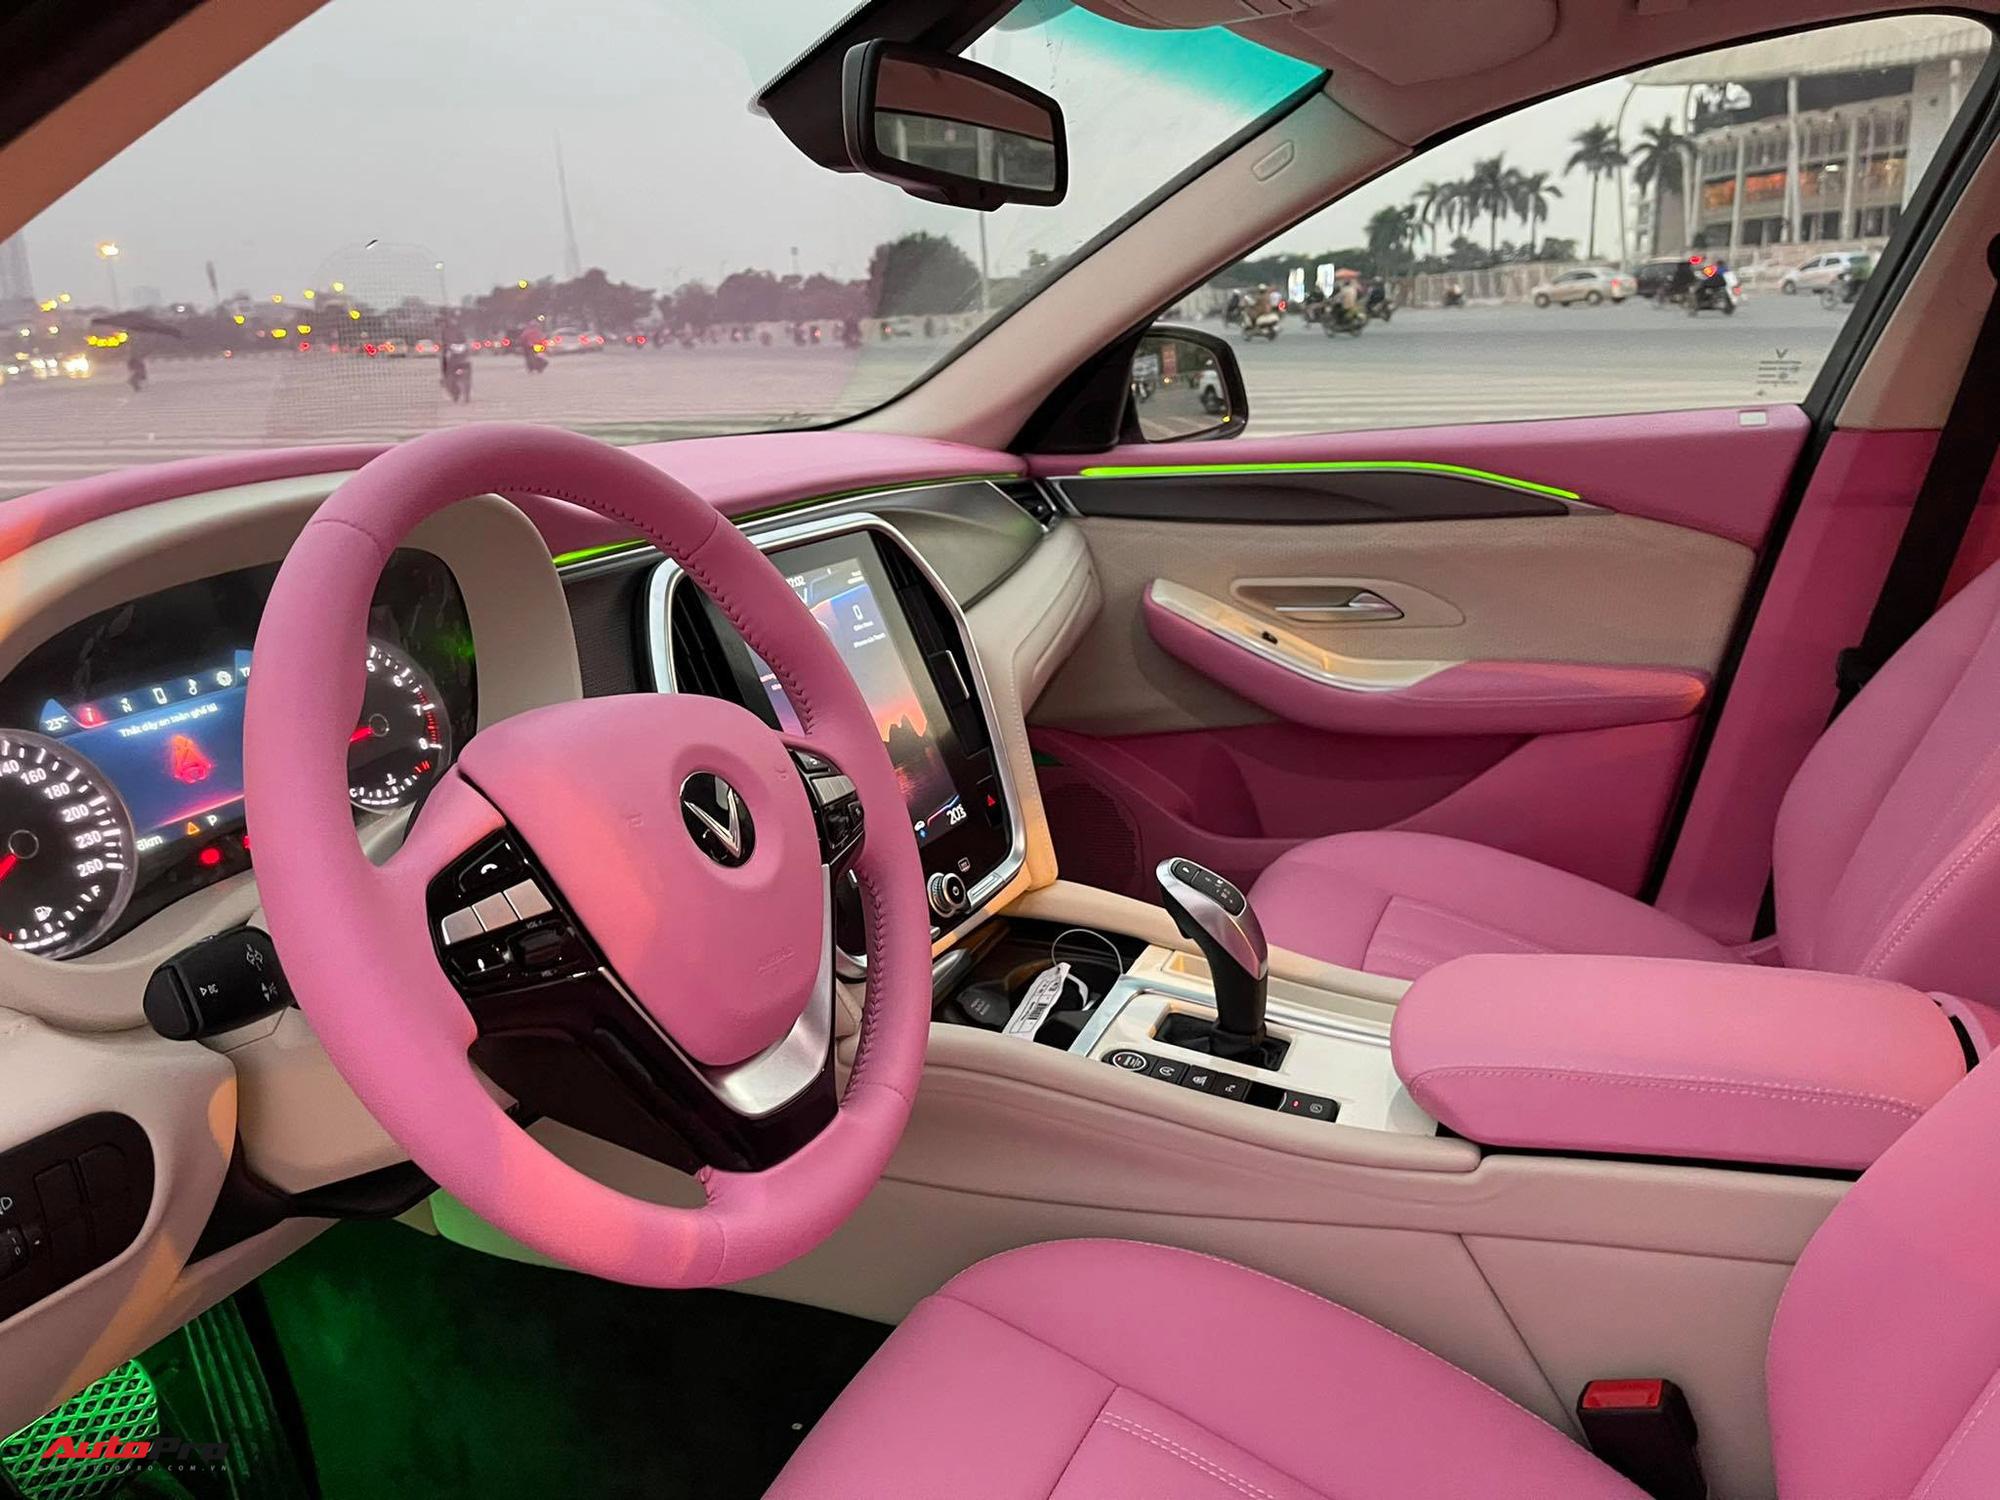 Nữ chủ nhân VinFast Lux A2.0 chi 35 triệu đồng độ nội thất 'full' màu hồng,  bầu trời sao độc nhất Việt Nam